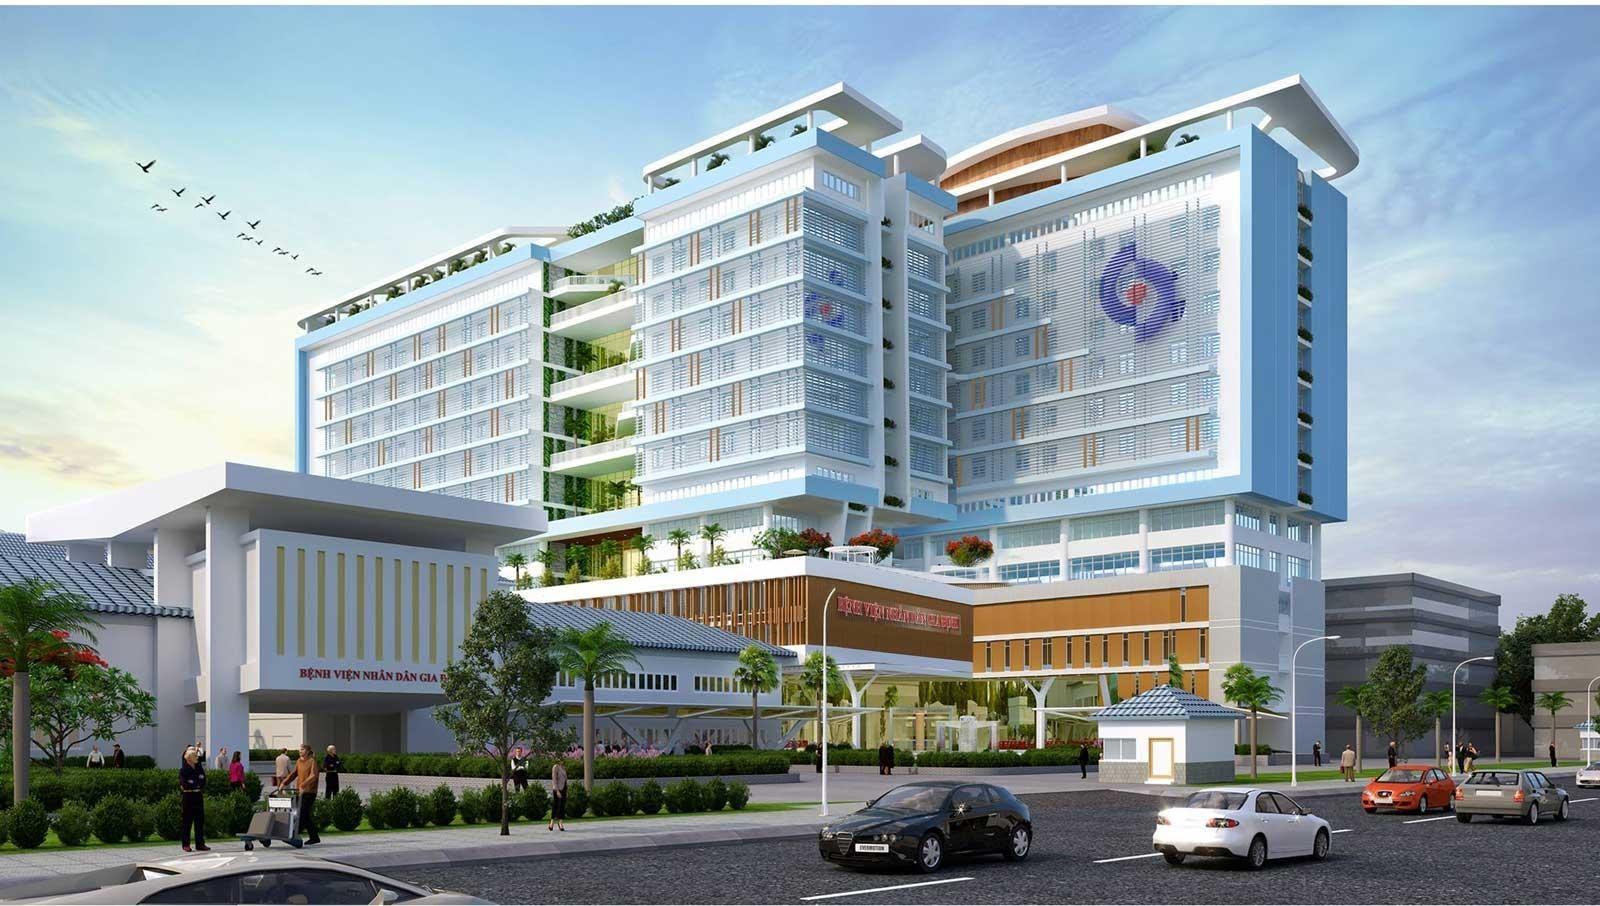 Bệnh viện Nhân dân Gia Định là một trong những bệnh viện lớn nhất TP.HCM.